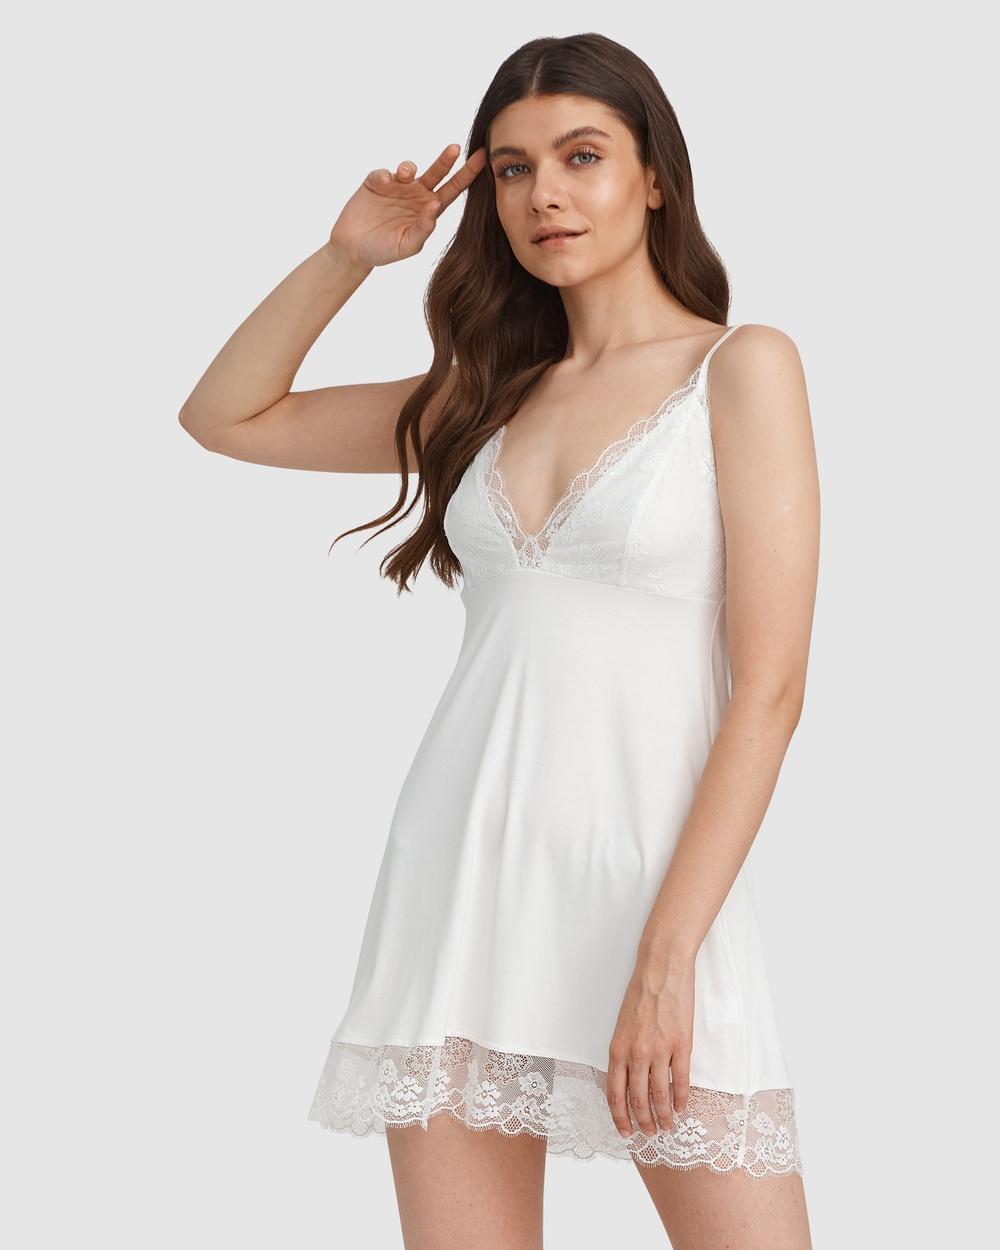 Oh!Zuza Lace Detail Chemise Sleepwear Ivory Australia